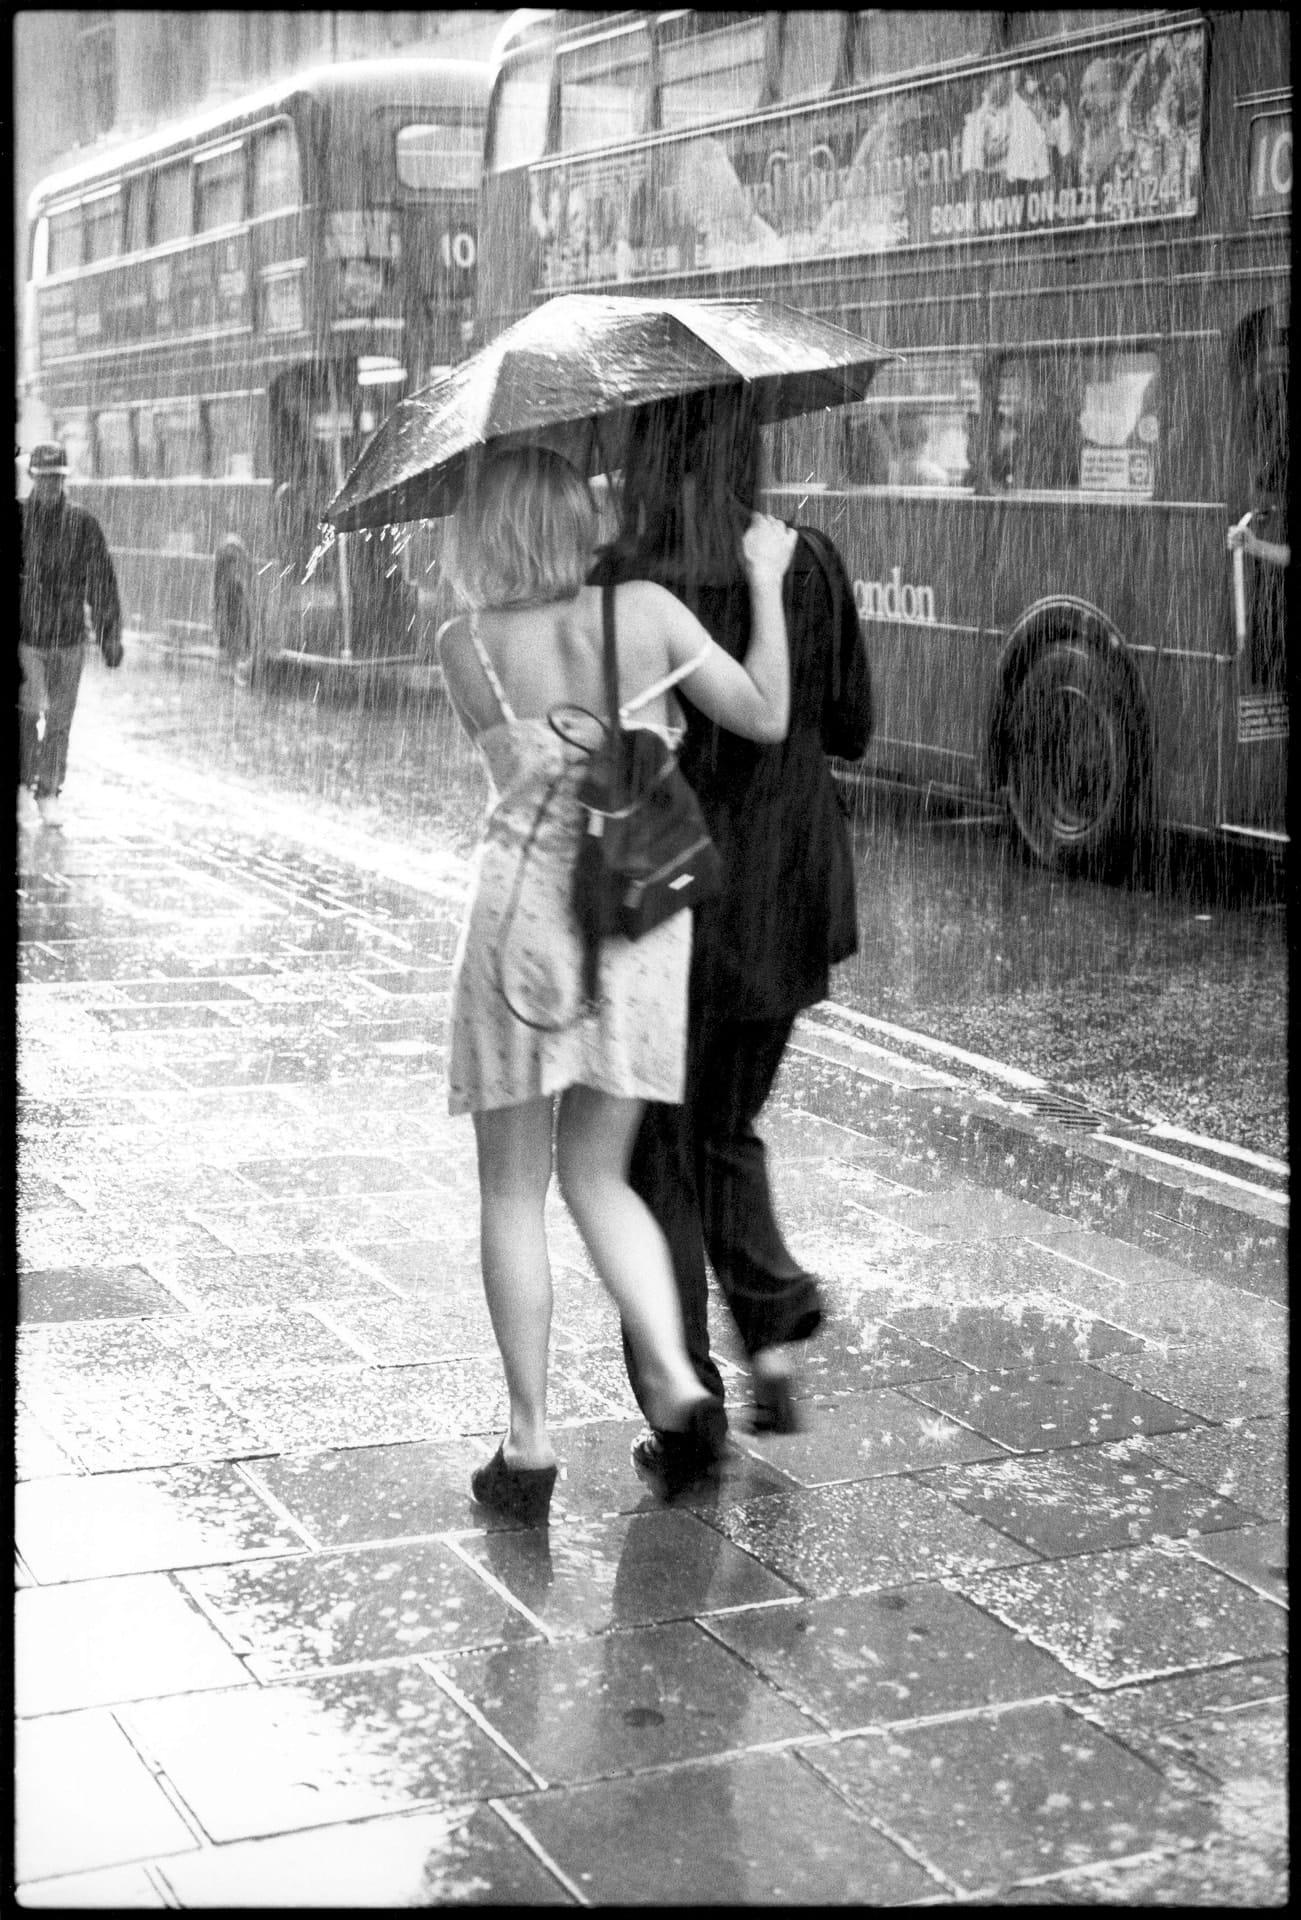 Oxford Street, London, 1998